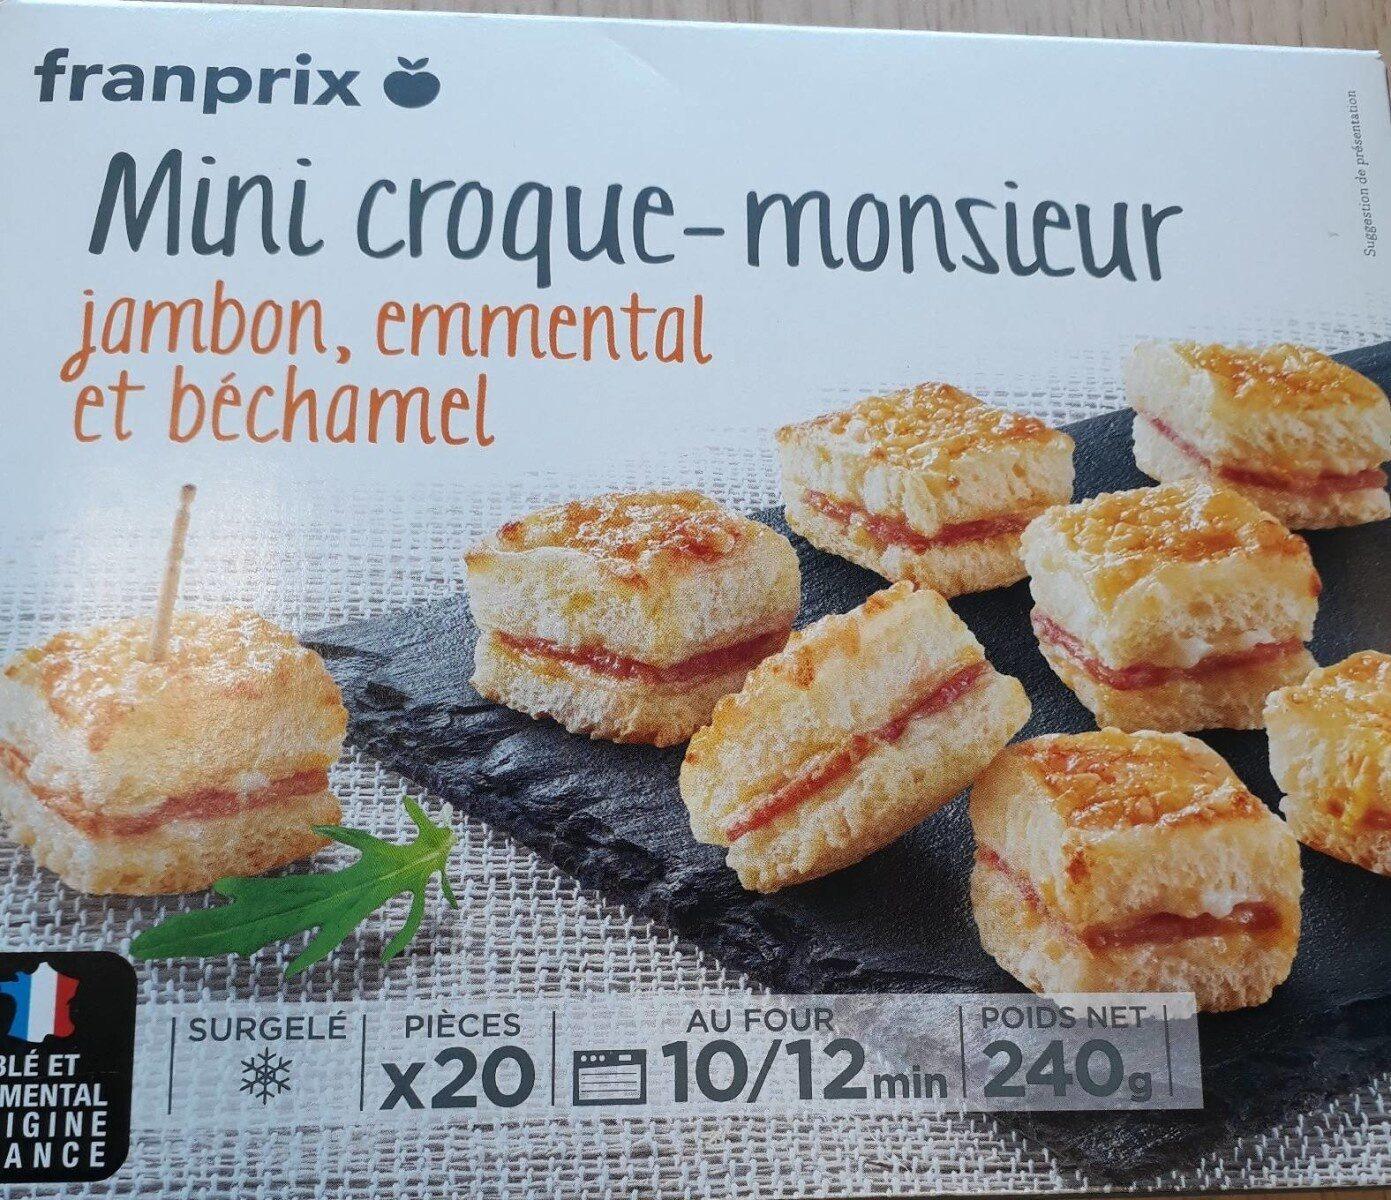 Mini croque monsieur - Product